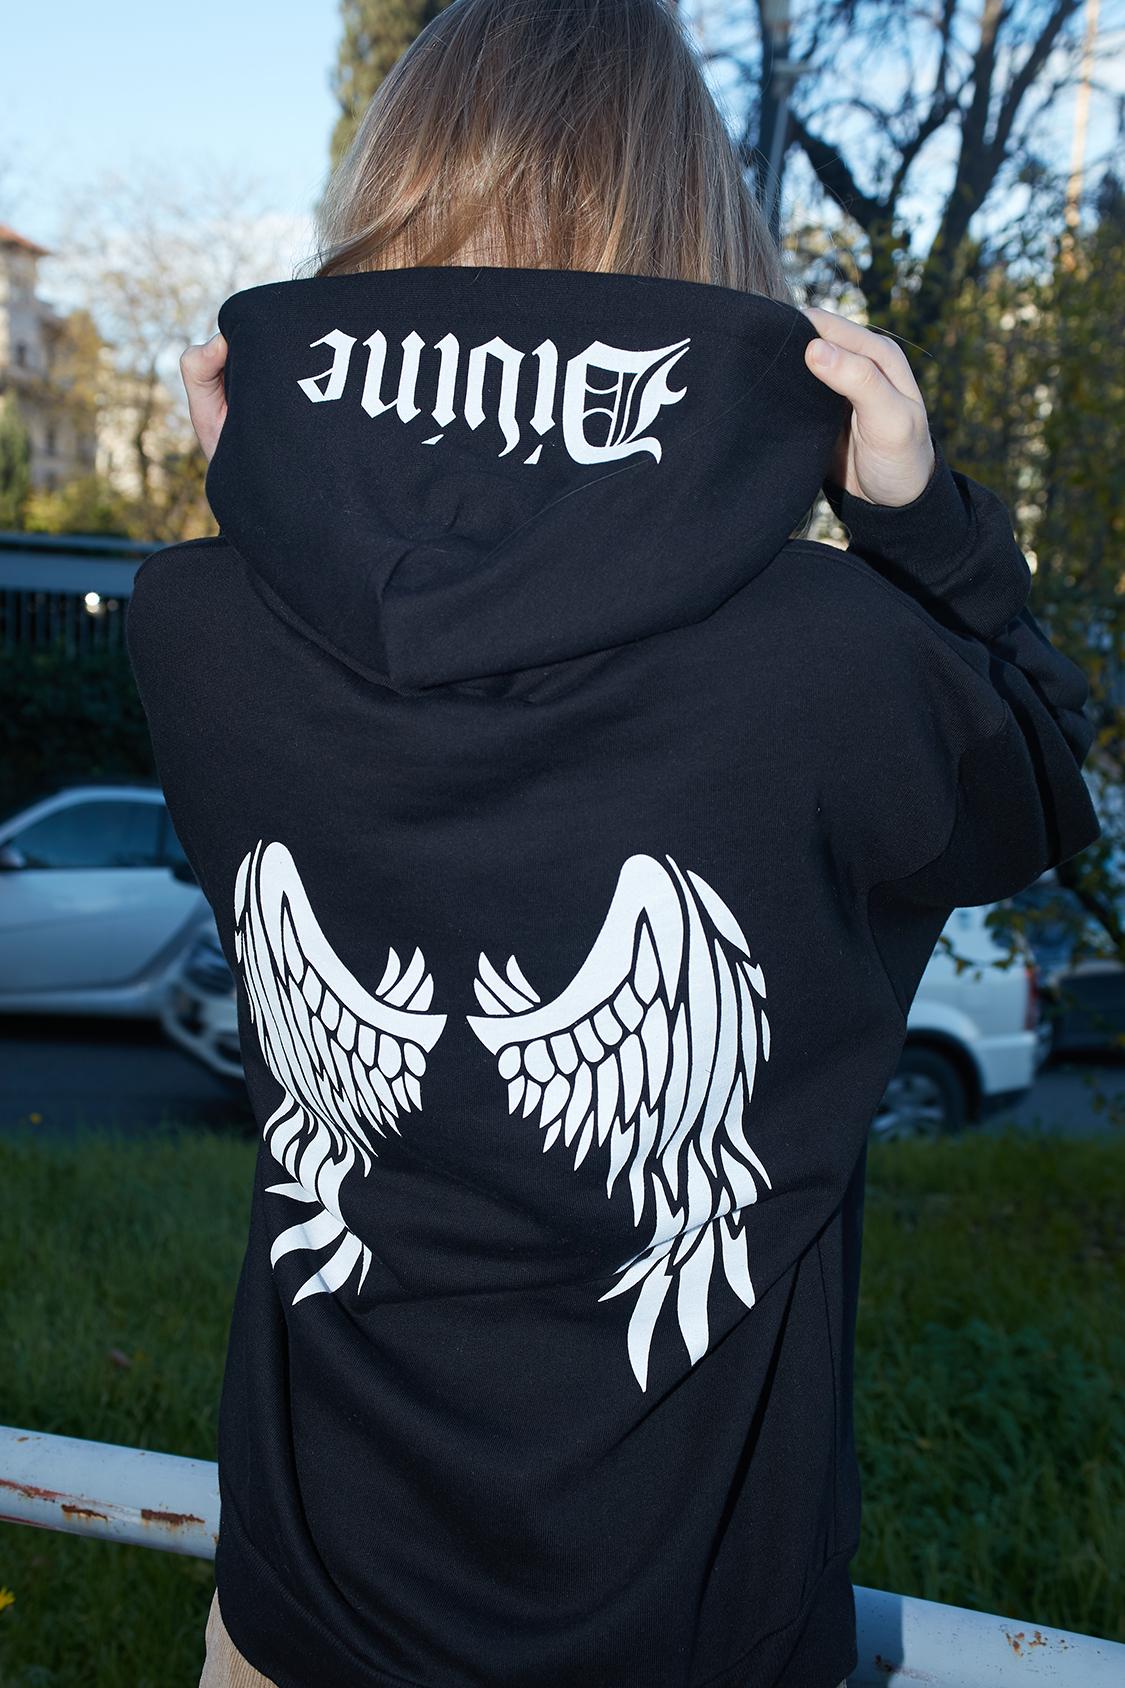 Divine printed hoodie